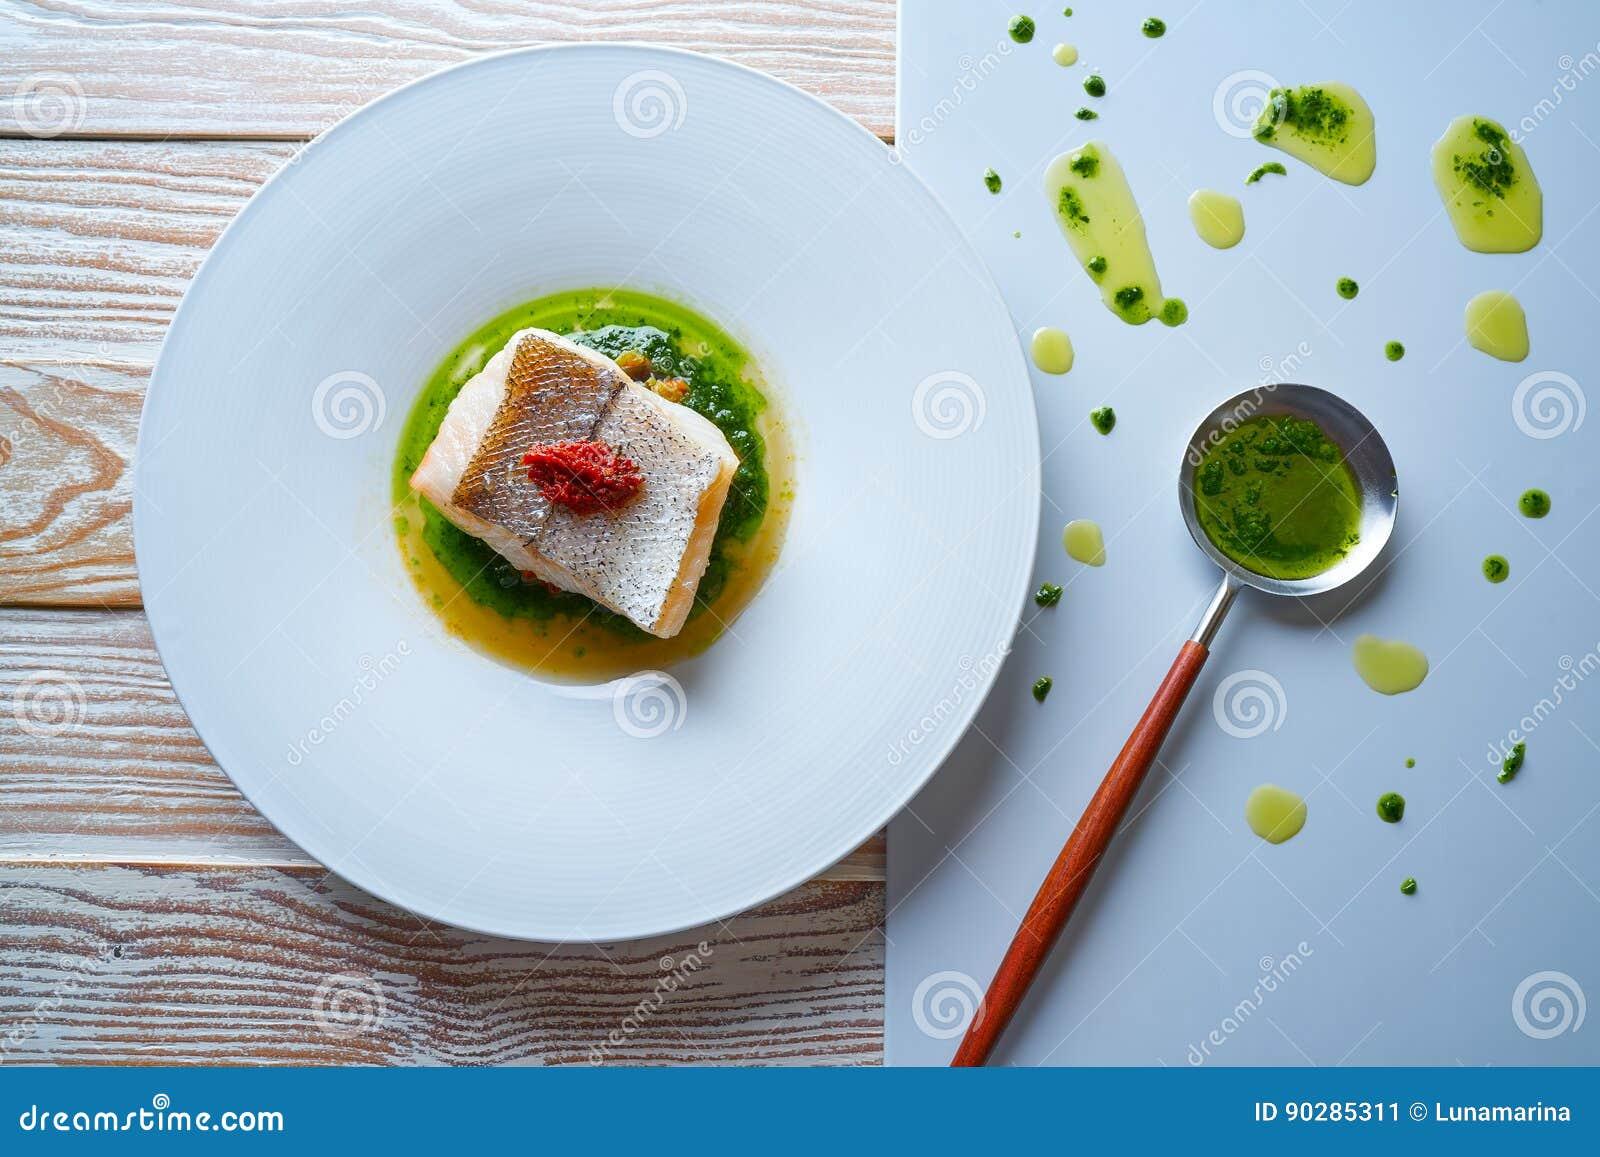 merluzzo con ratatouille per dietare